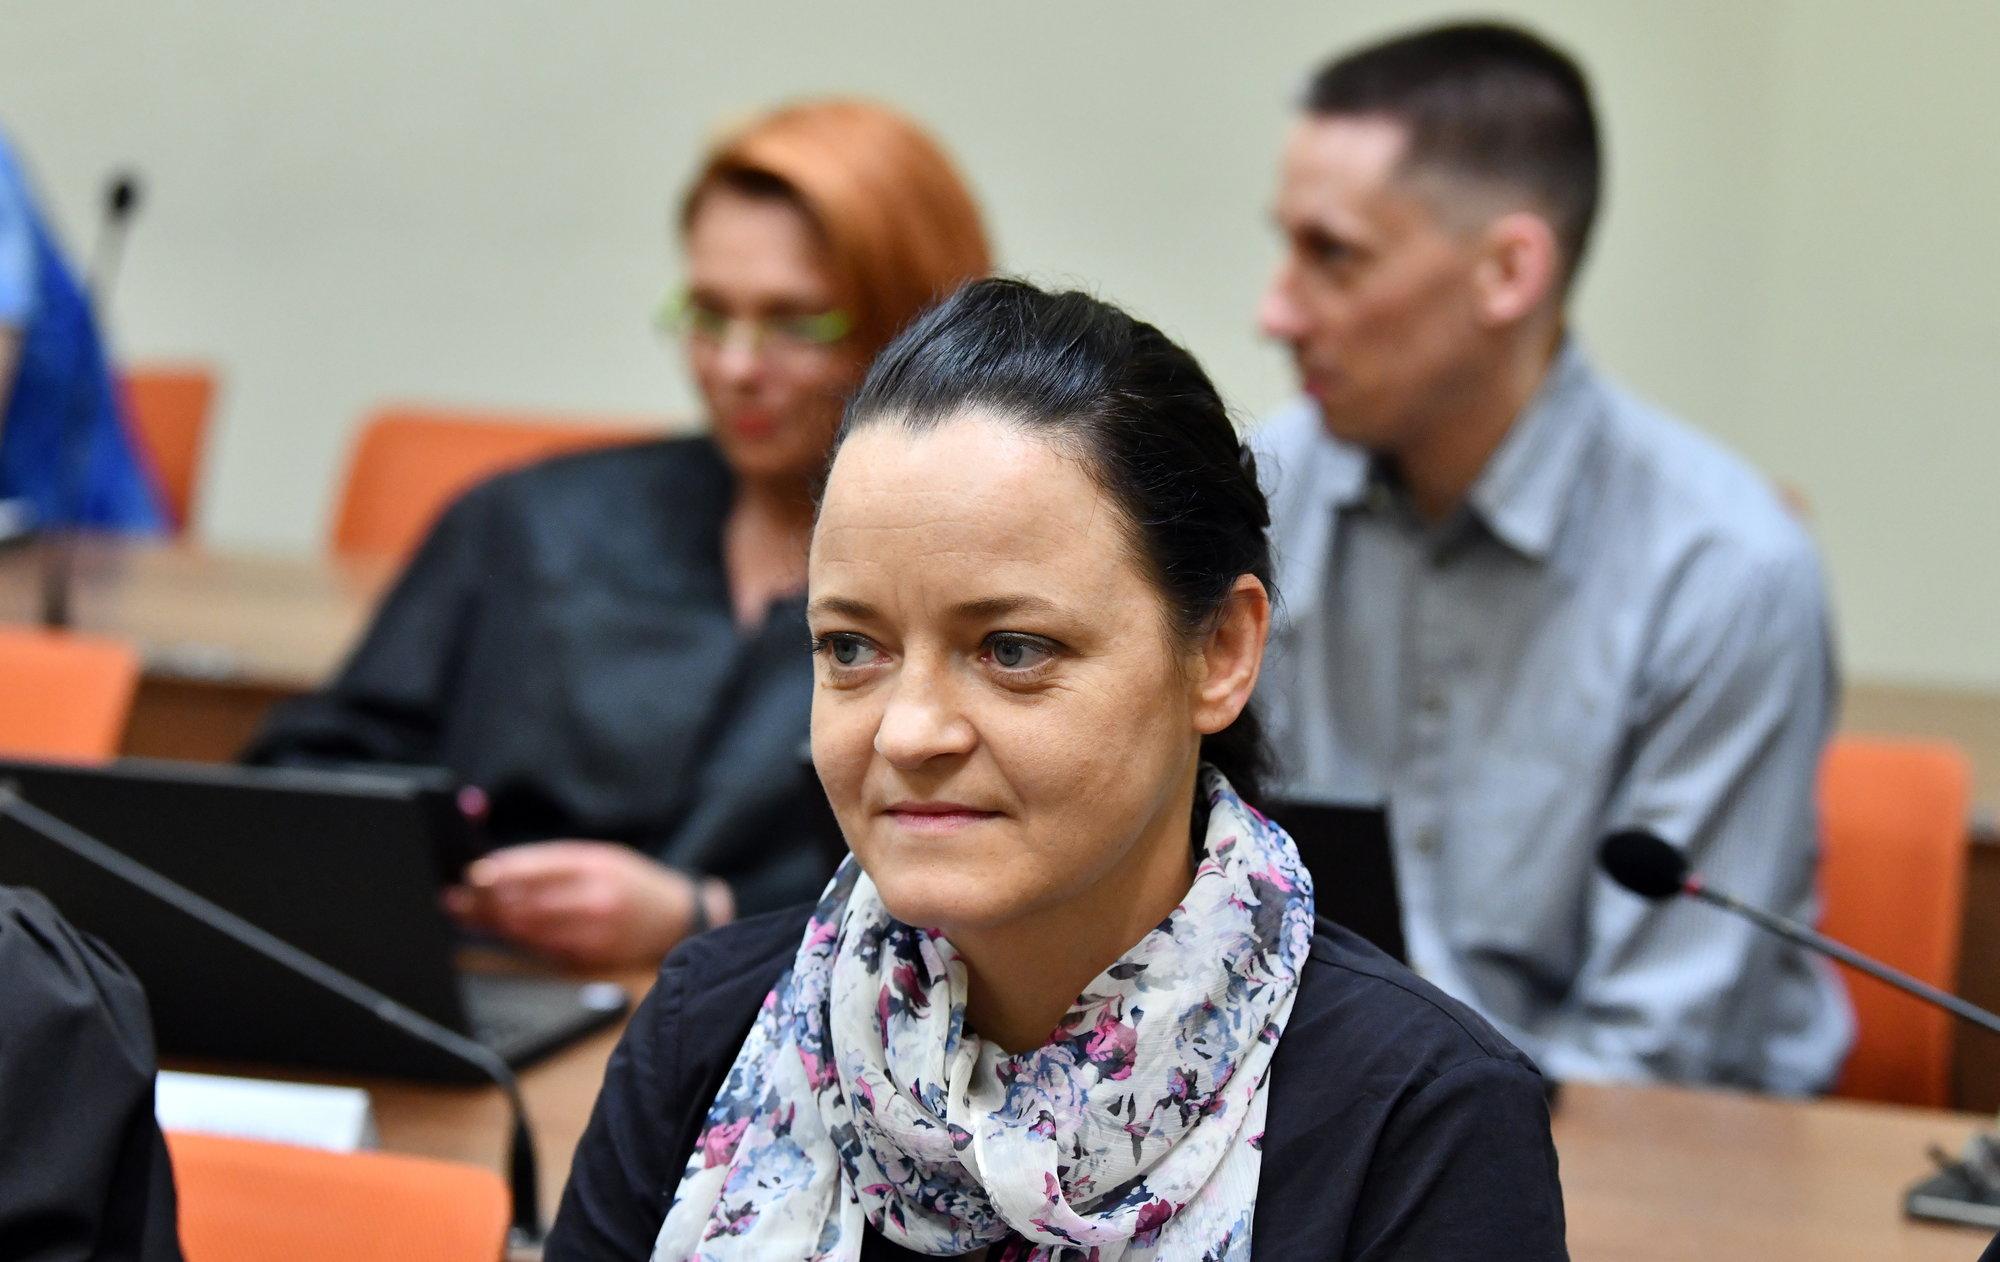 Njemačka neonacistkinja optužena za sudjelovanje u ubojstva 10 ljudi ispričala se obitelji žrtava